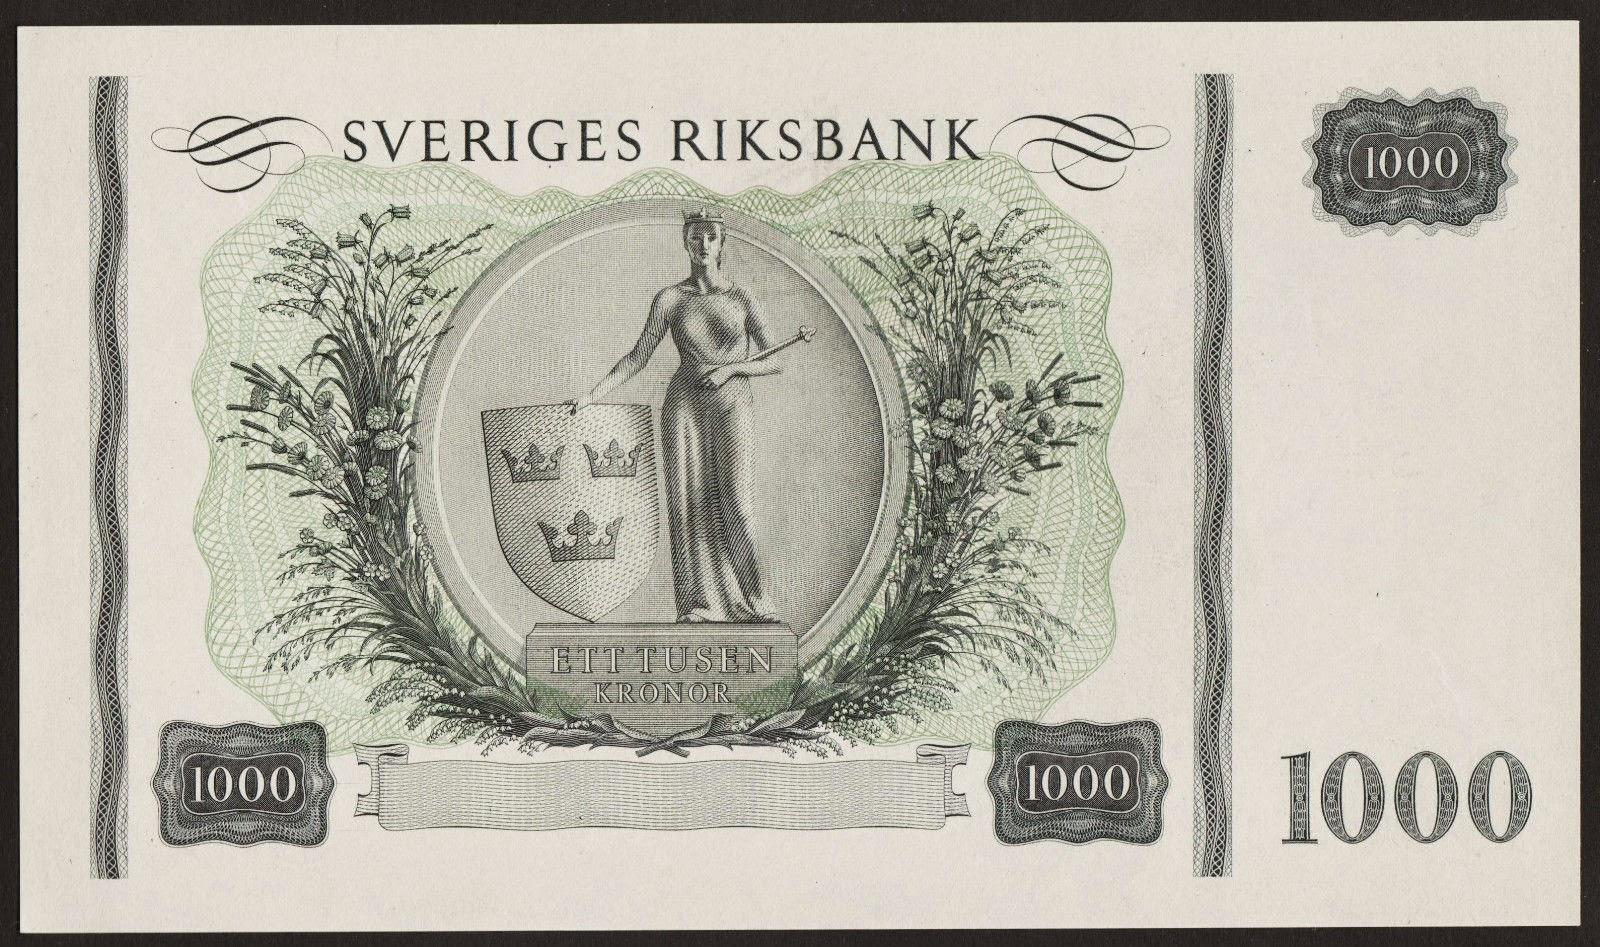 Sweden Banknotes 1000 Kronor banknote Mother Svea